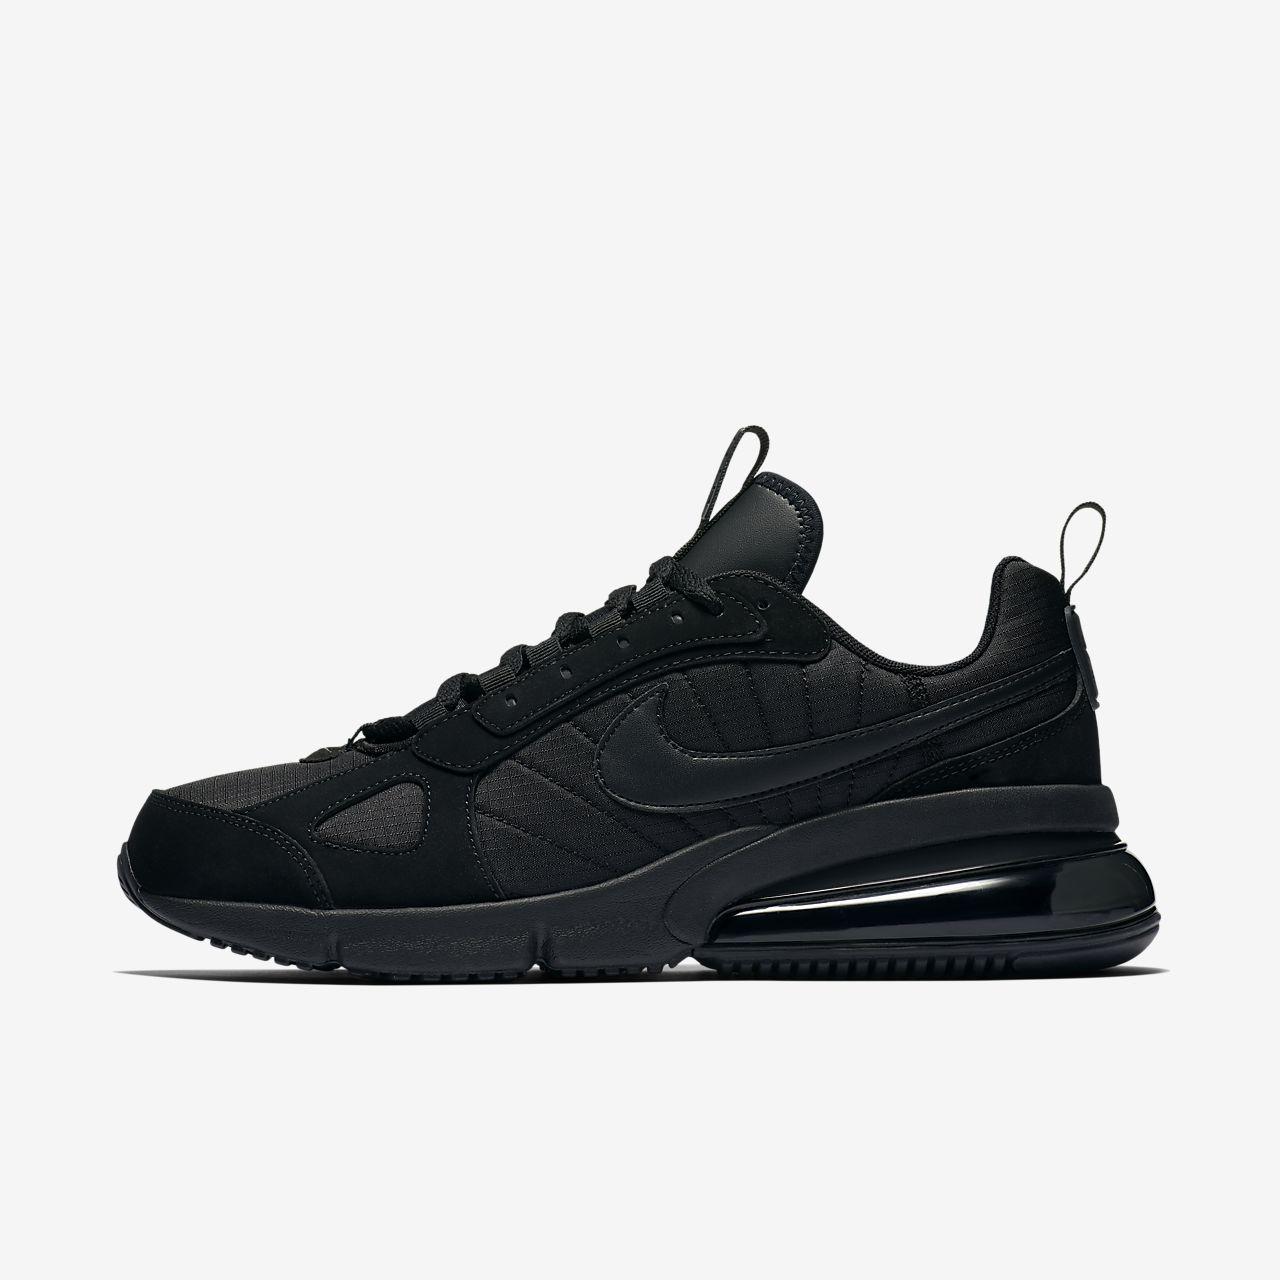 553f255c7d4 Nike Air Max 270 Futura Men s Shoe. Nike.com NO